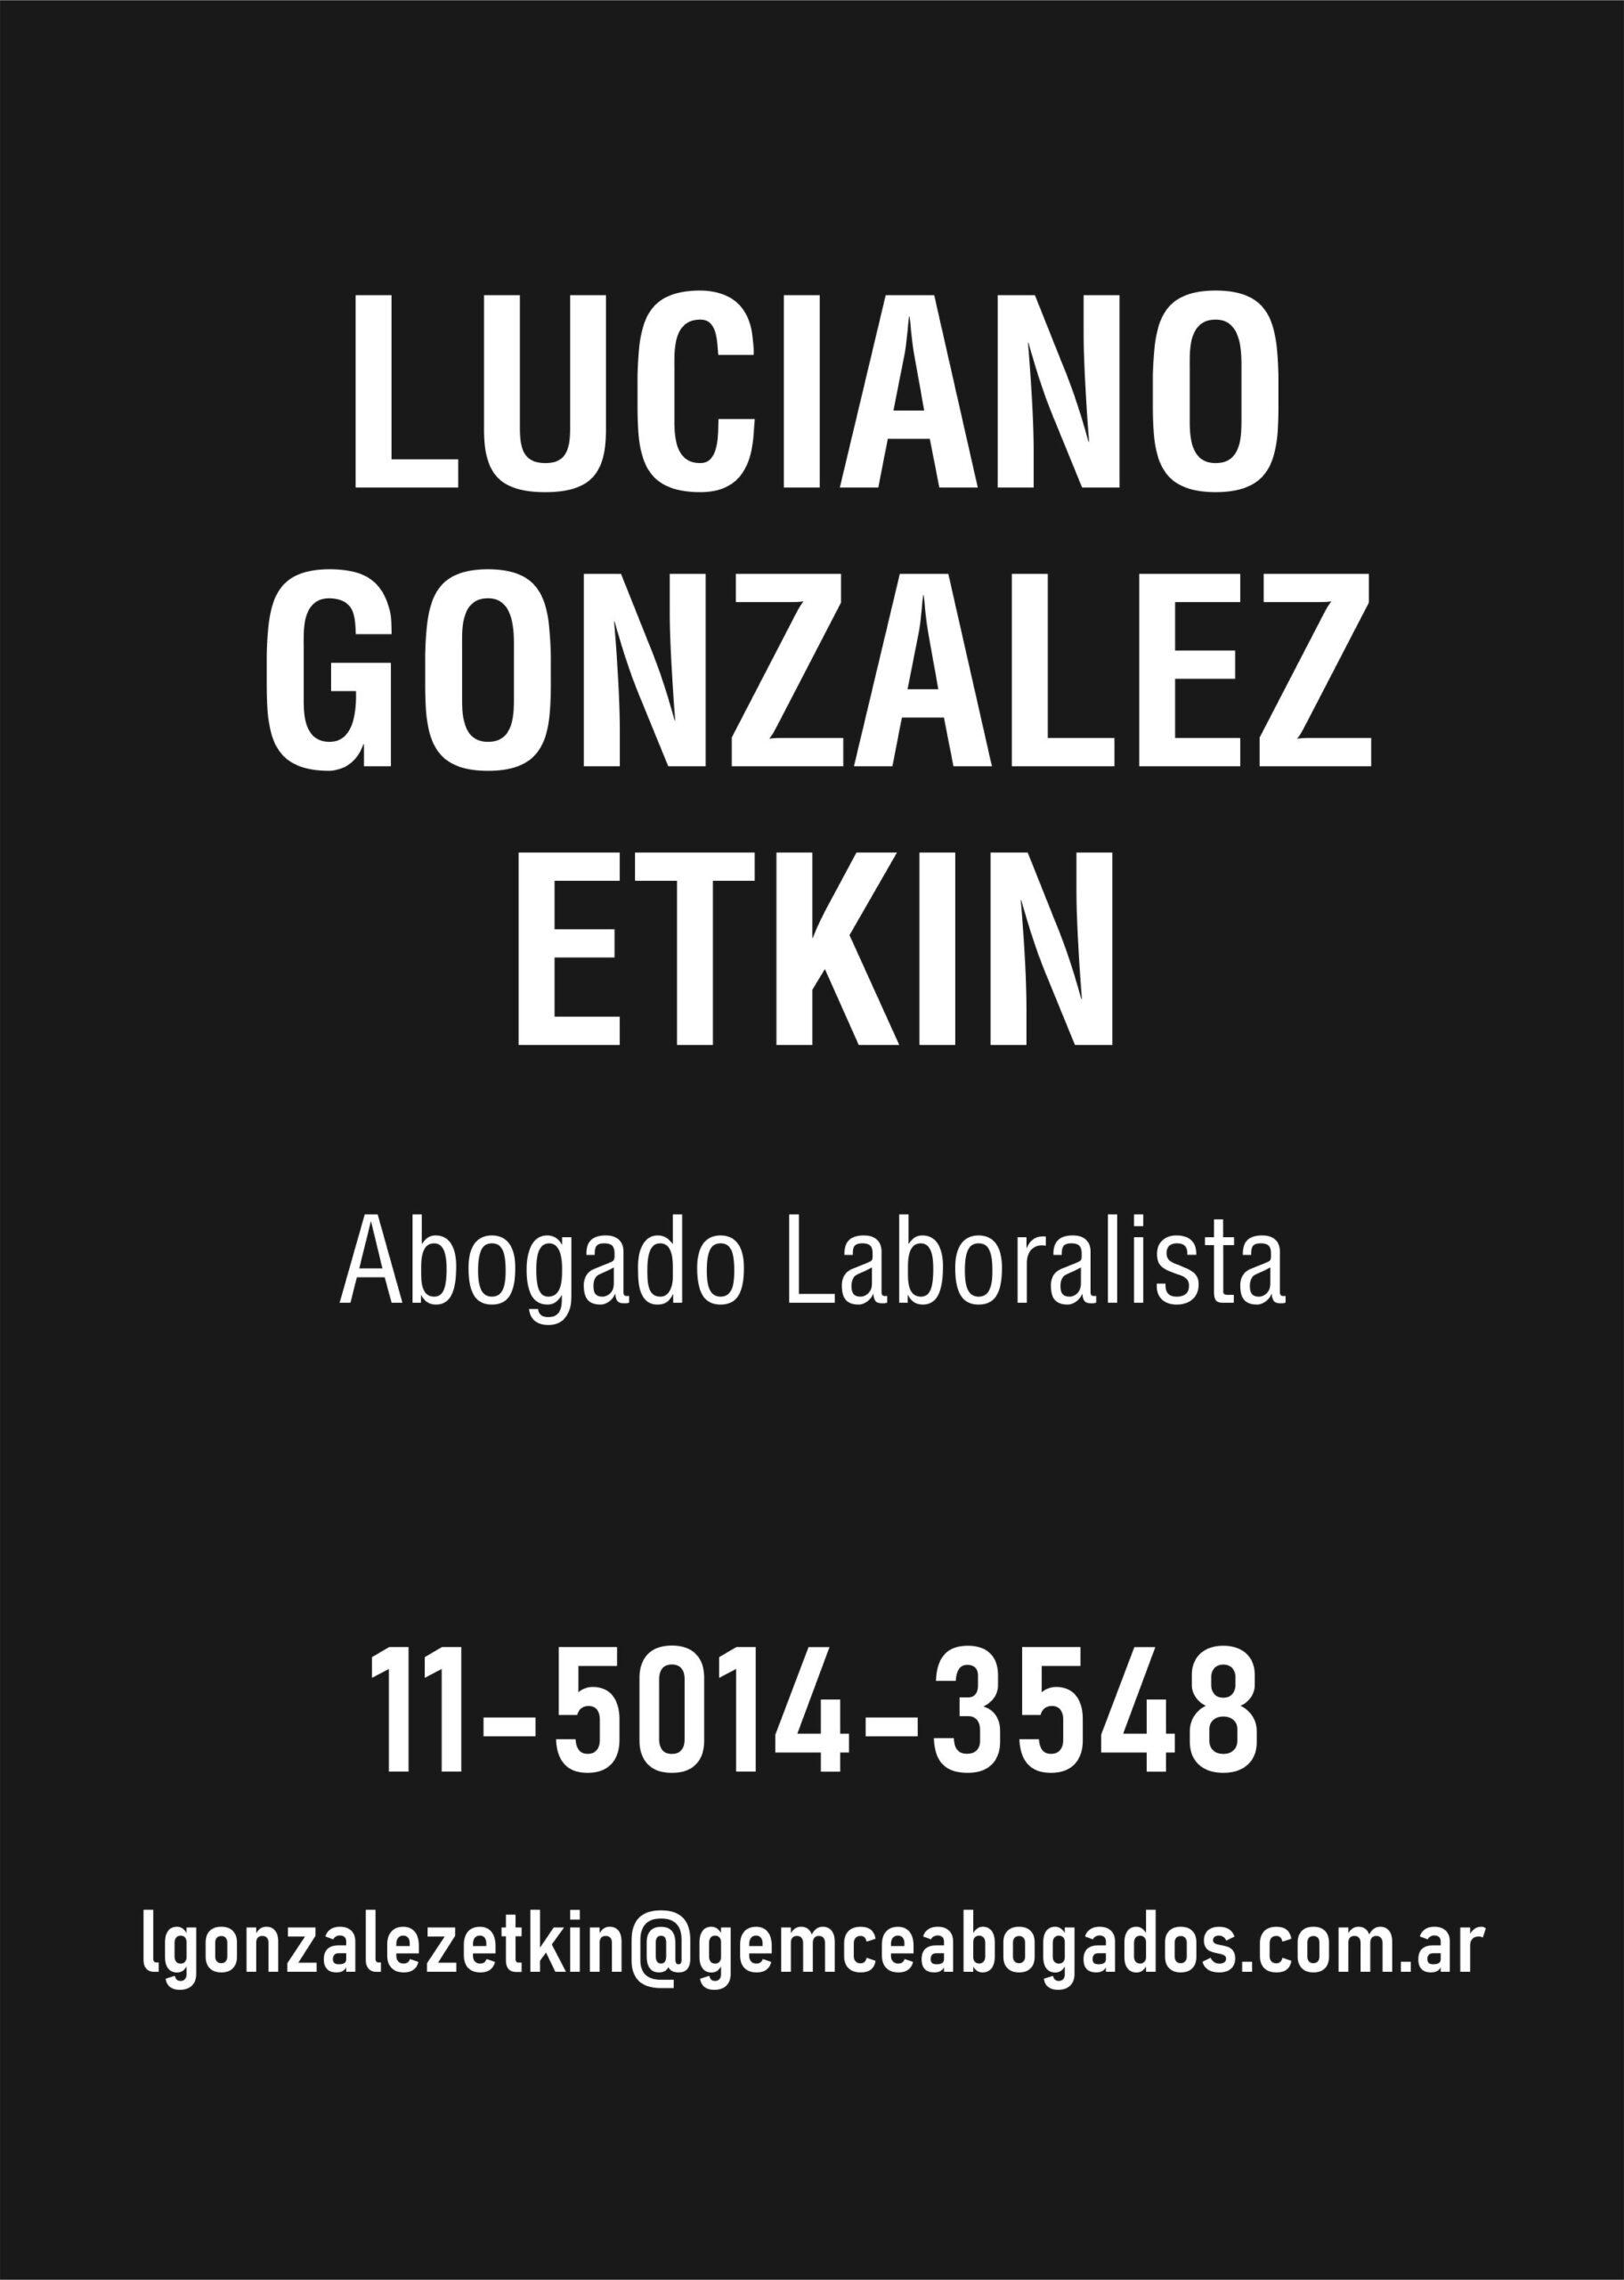 Gonzalez Etkin